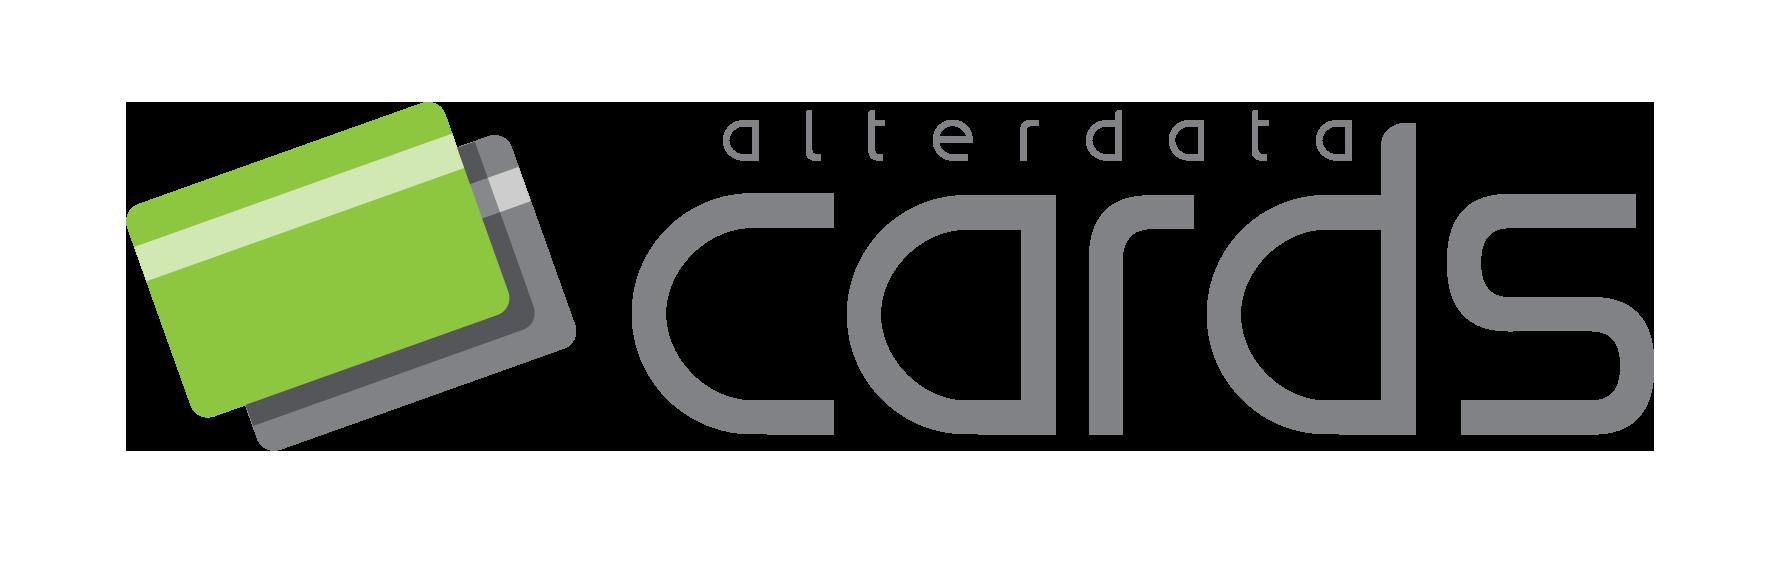 Alterdata Cards